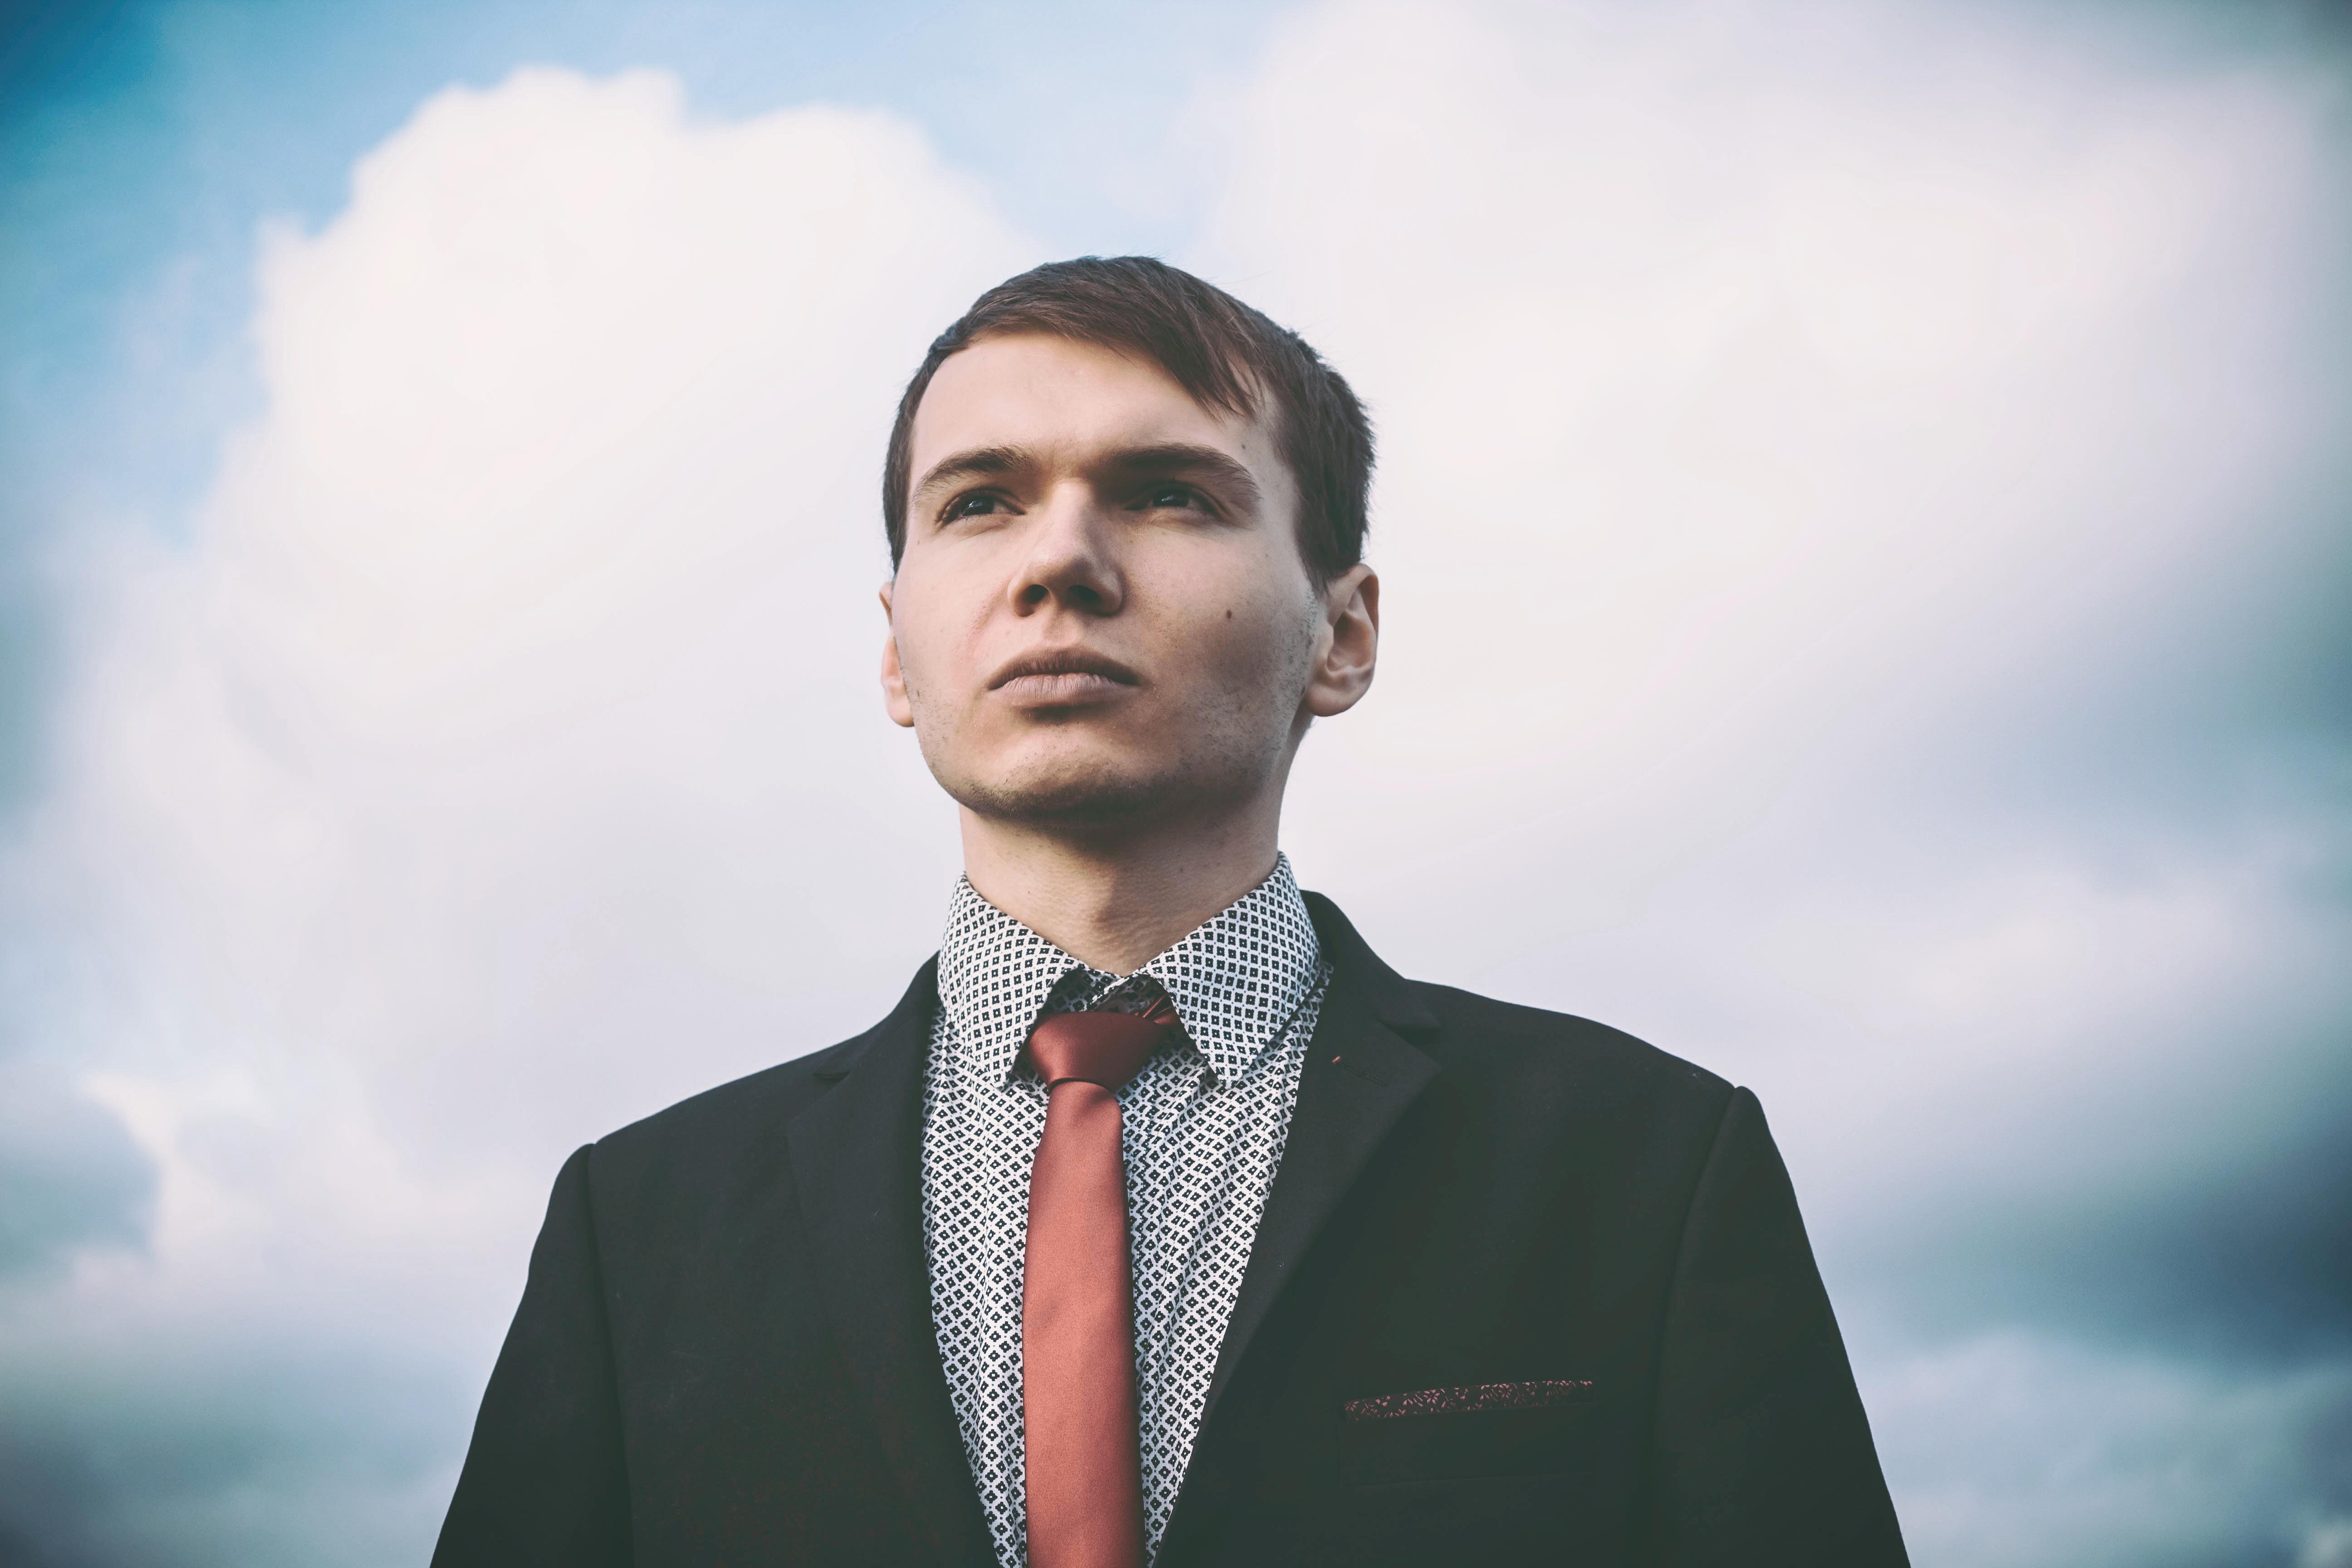 free images man person suit sky male portrait tie business